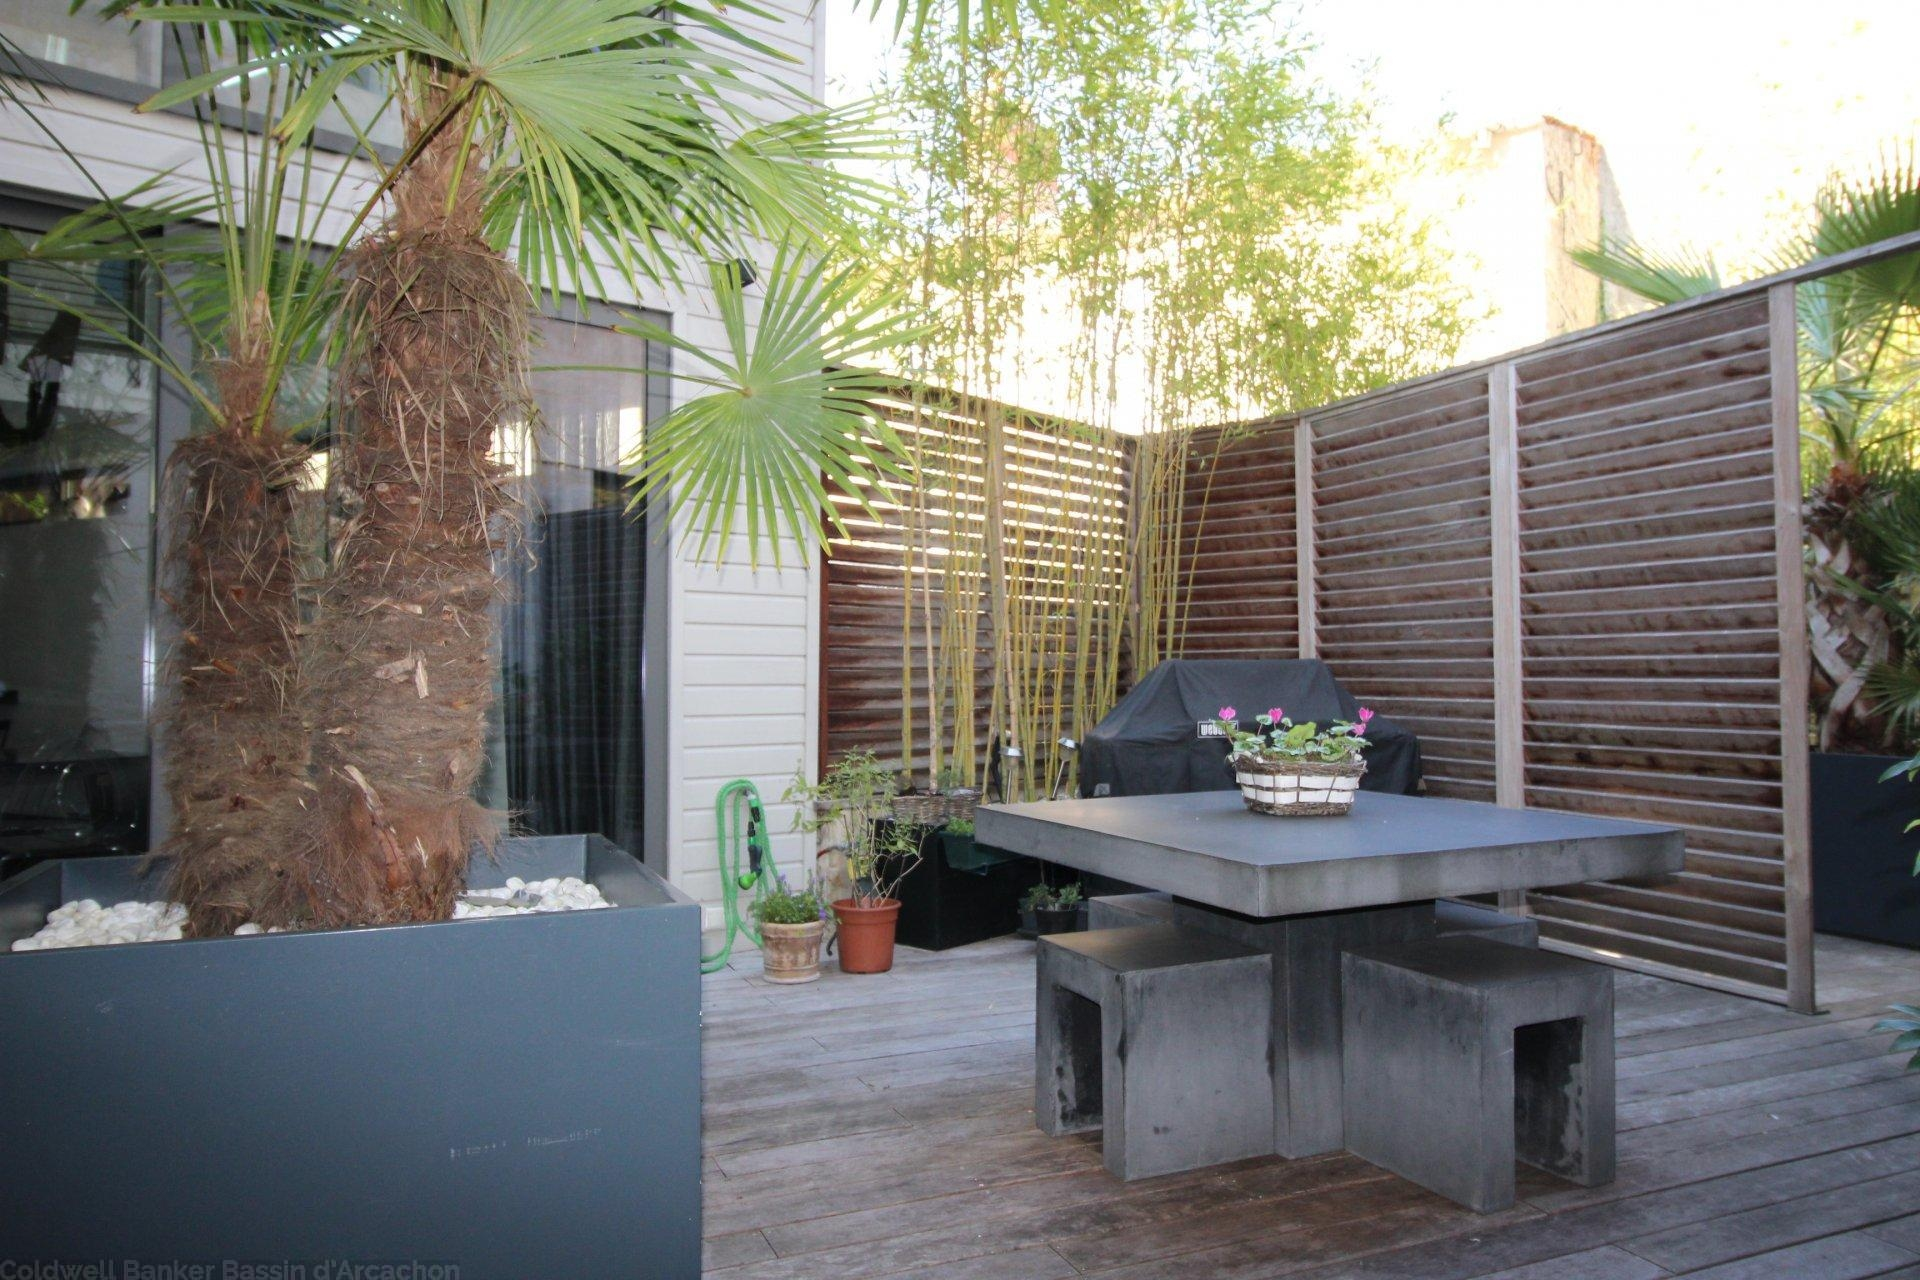 Vente maison villa bordeaux centre avec terrasses coldwell banker - Maison de ville bordeaux ...